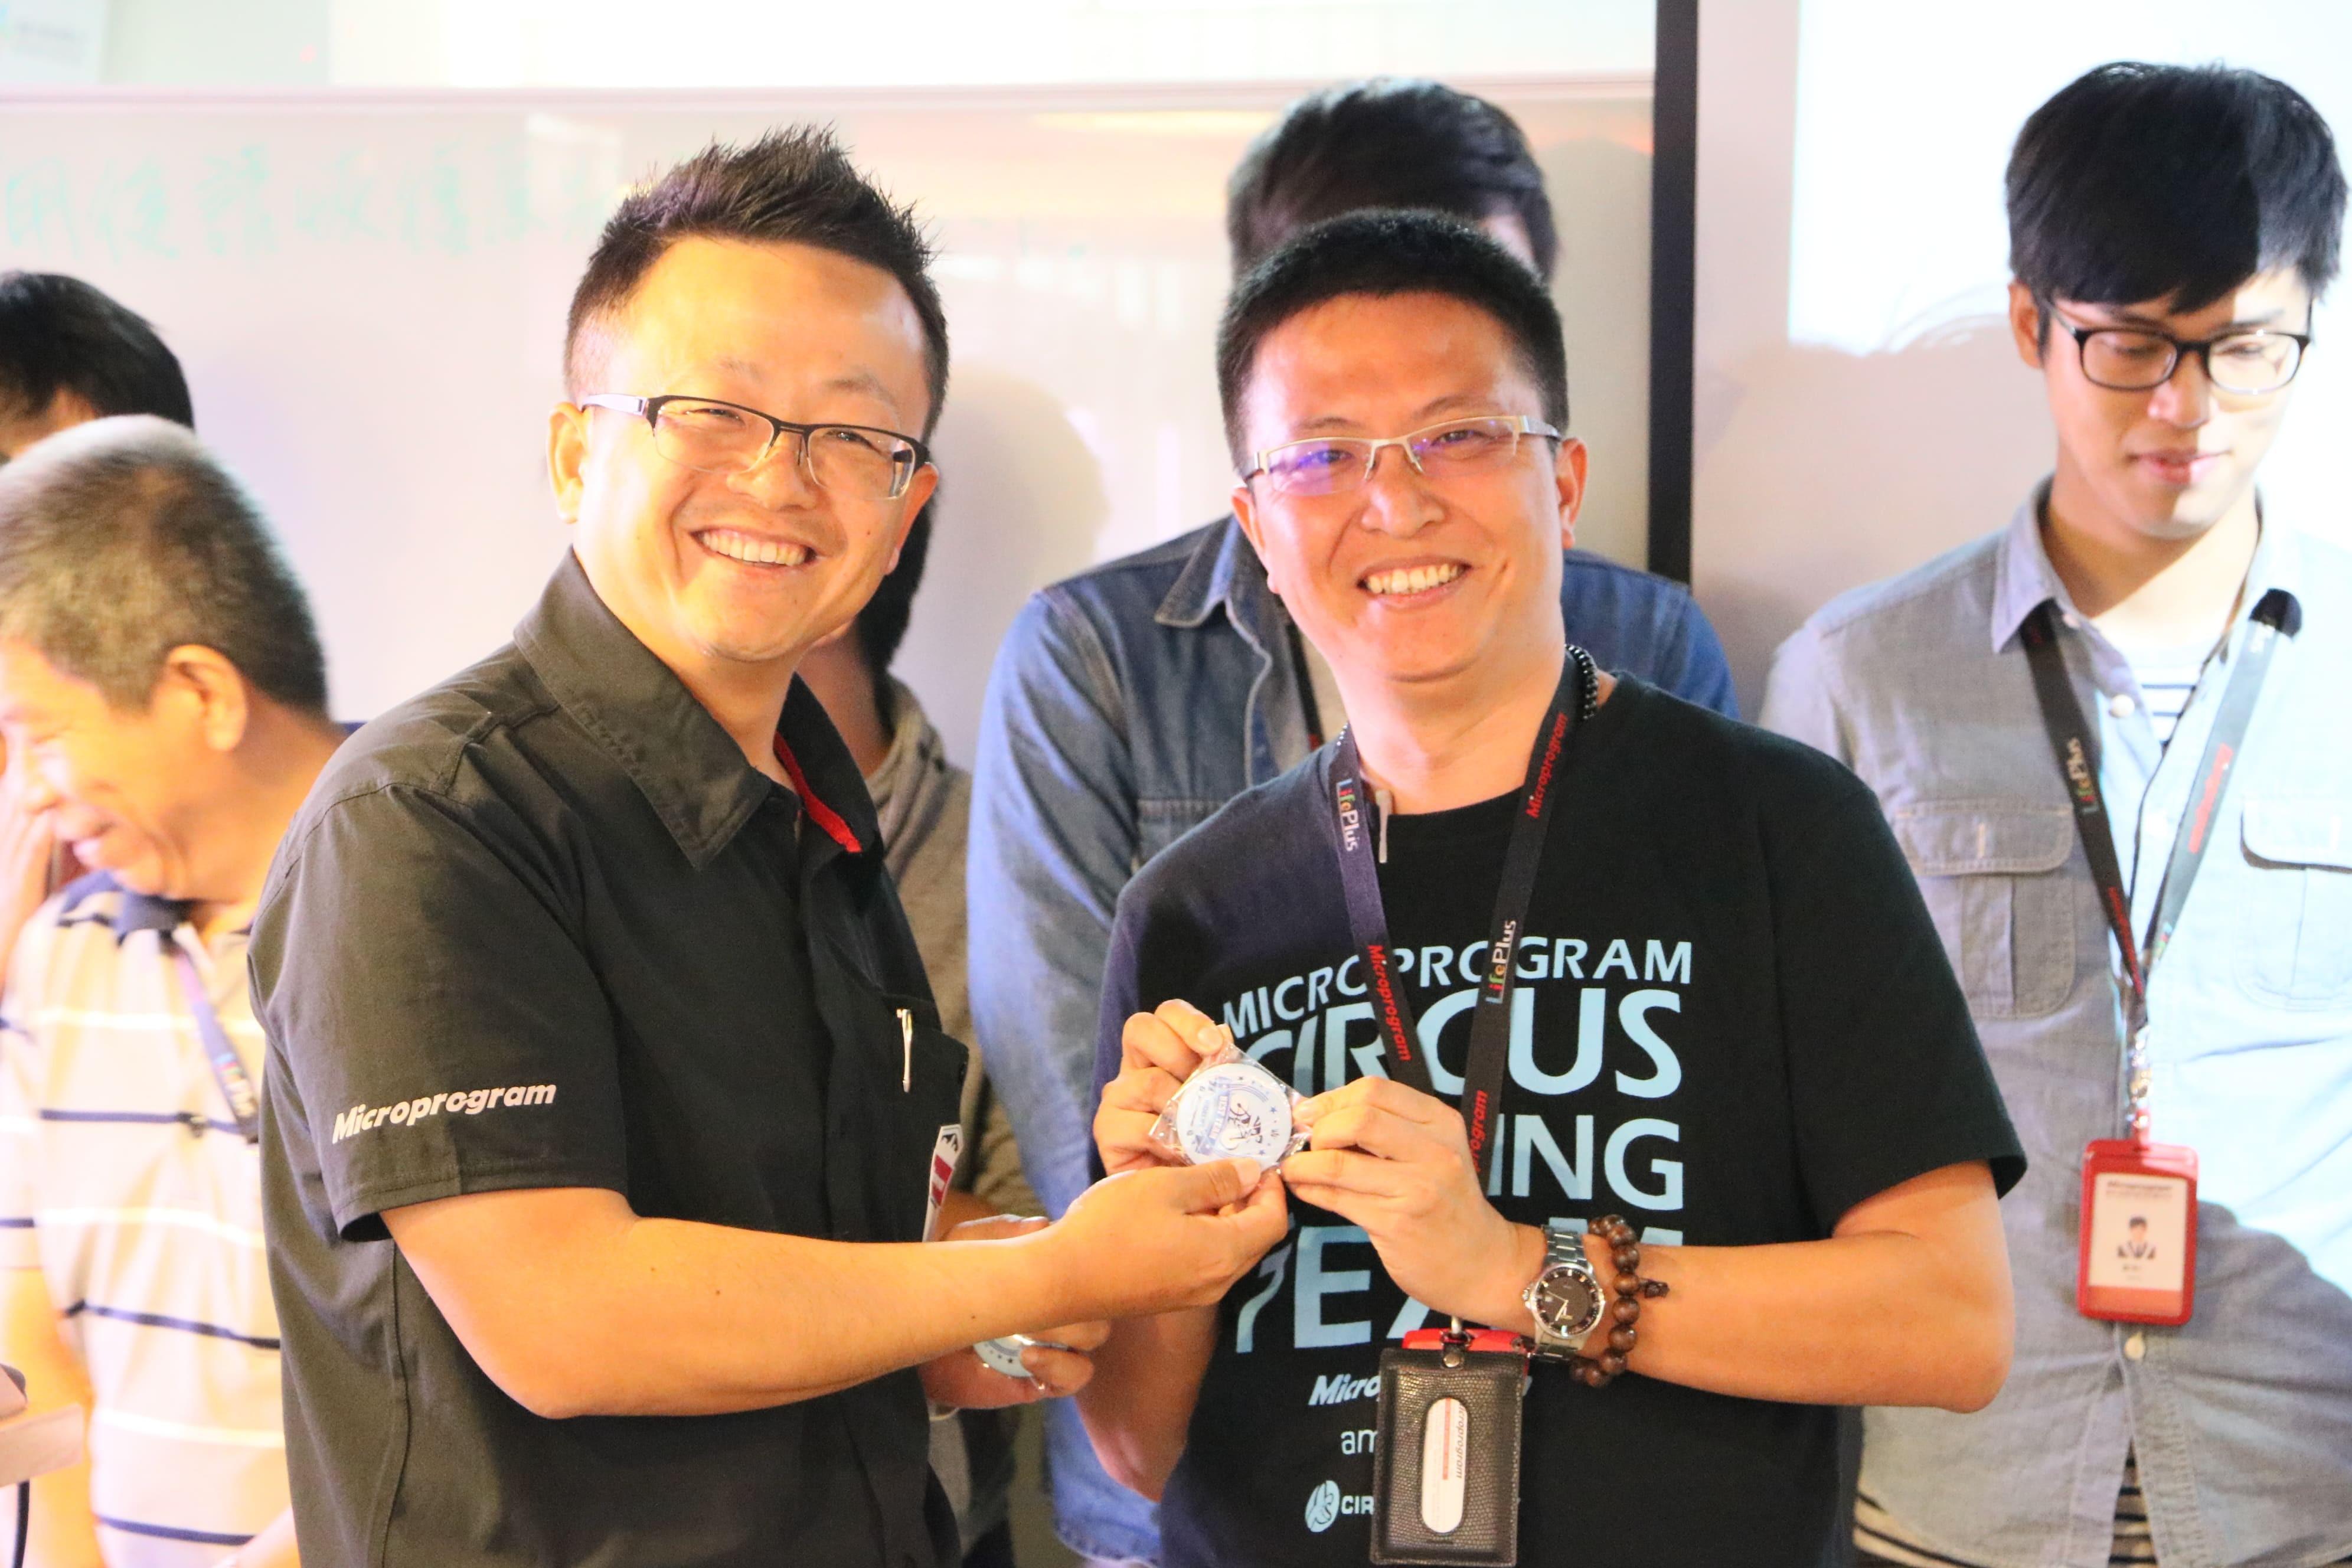 圖左為微程式總經理吳騰彥與團隊夥伴合照